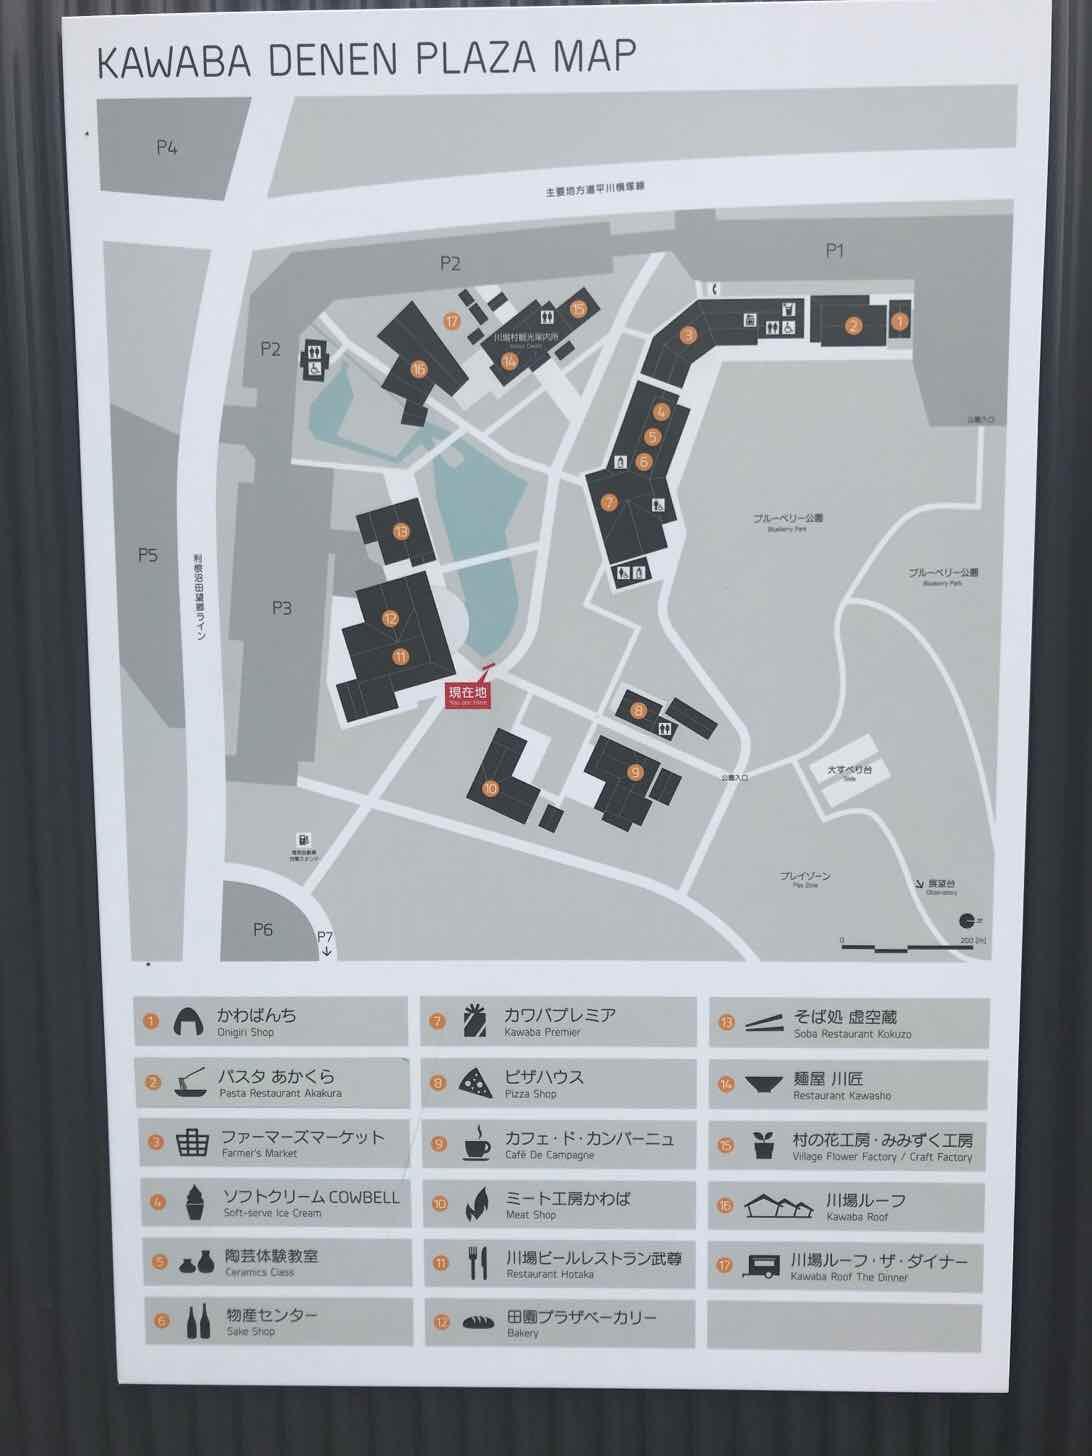 川場田園プラザ-園内マップ